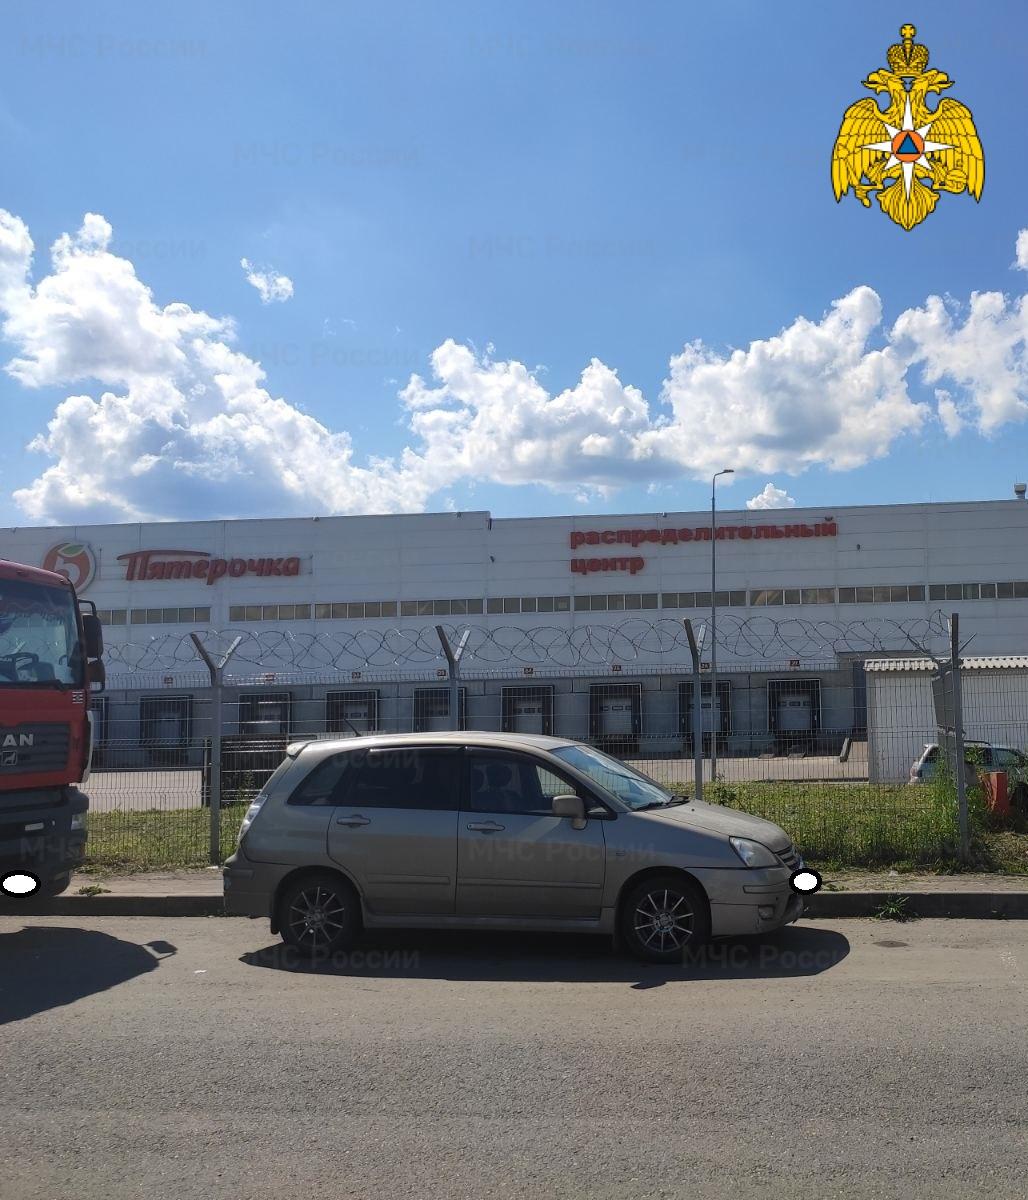 Спасатели МЧС принимали участие в ликвидации ДТП в Мещовском районе, 211 км автодорога «М-3 Украина»